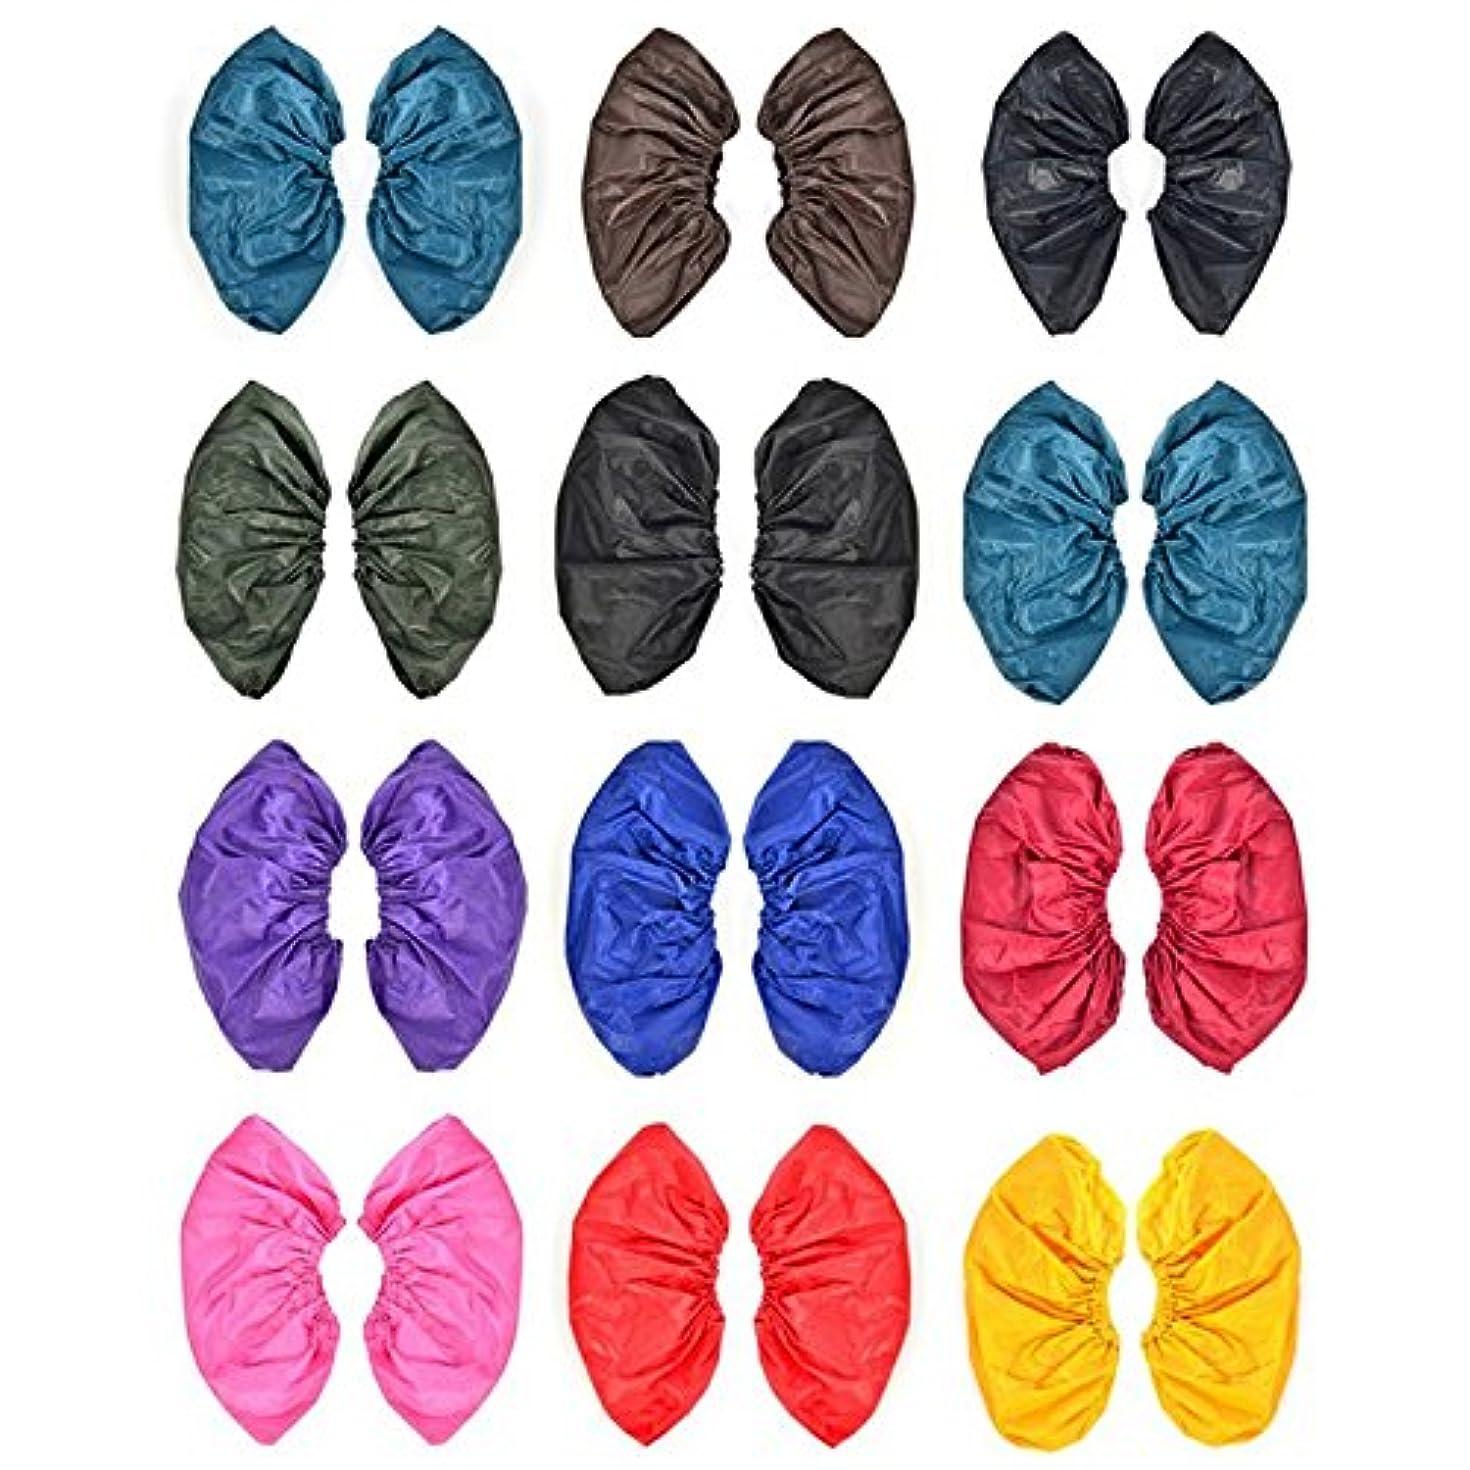 漫画シャワー完璧なattachmenttou 雨靴カバー 再利用可能な防水雨の雪 ブーツは、耐熱PVC厚み付けソールの靴カバースリップ 男女